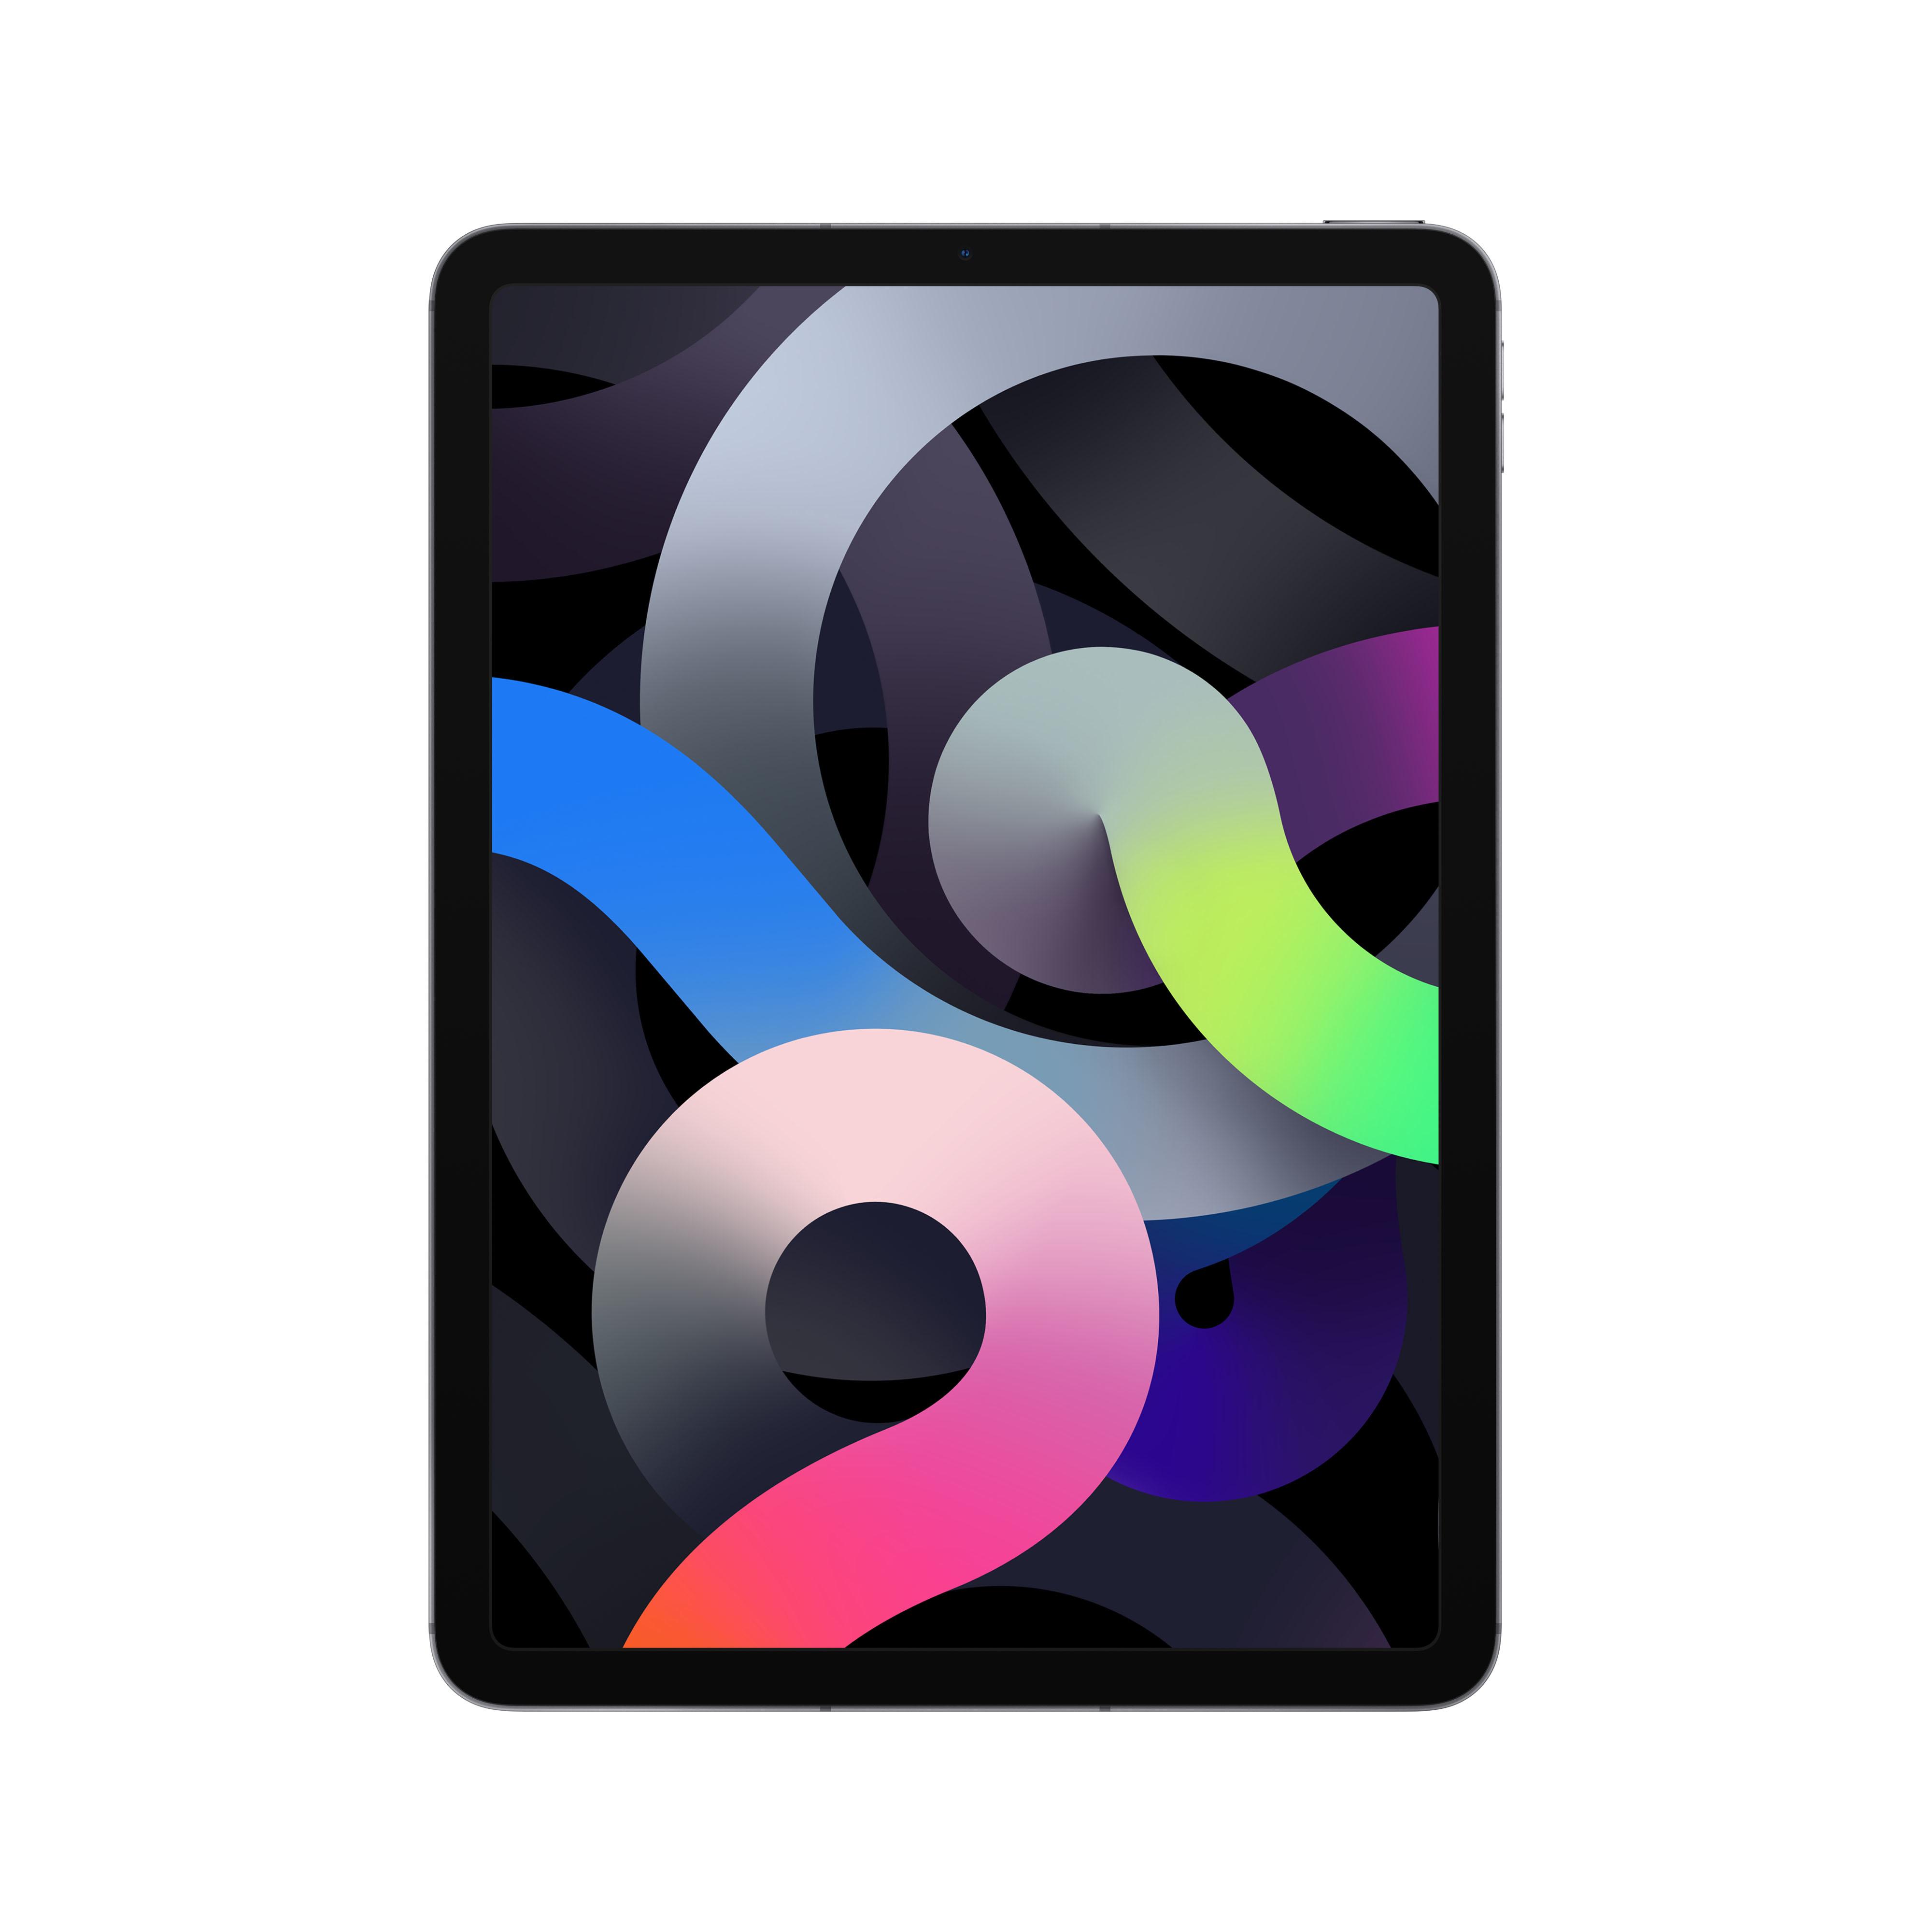 Apple iPad Air 256 GB +Cellular Grigio siderale Myh22ty/a